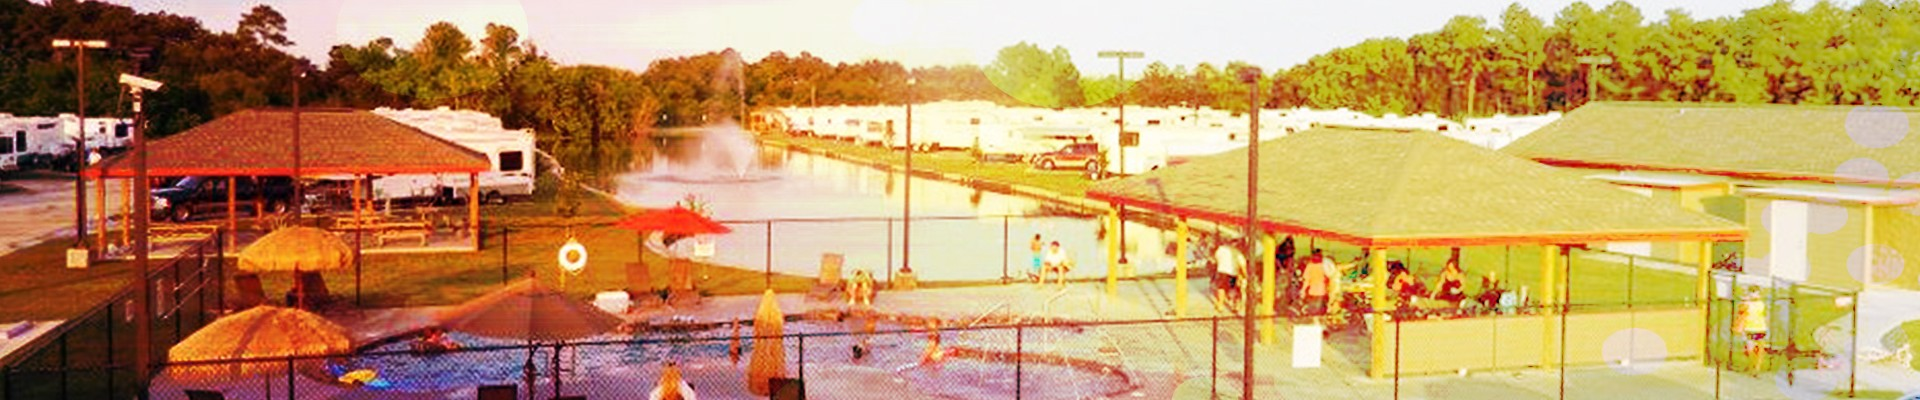 A plus motel and RV Park in Sulphur Louisiana